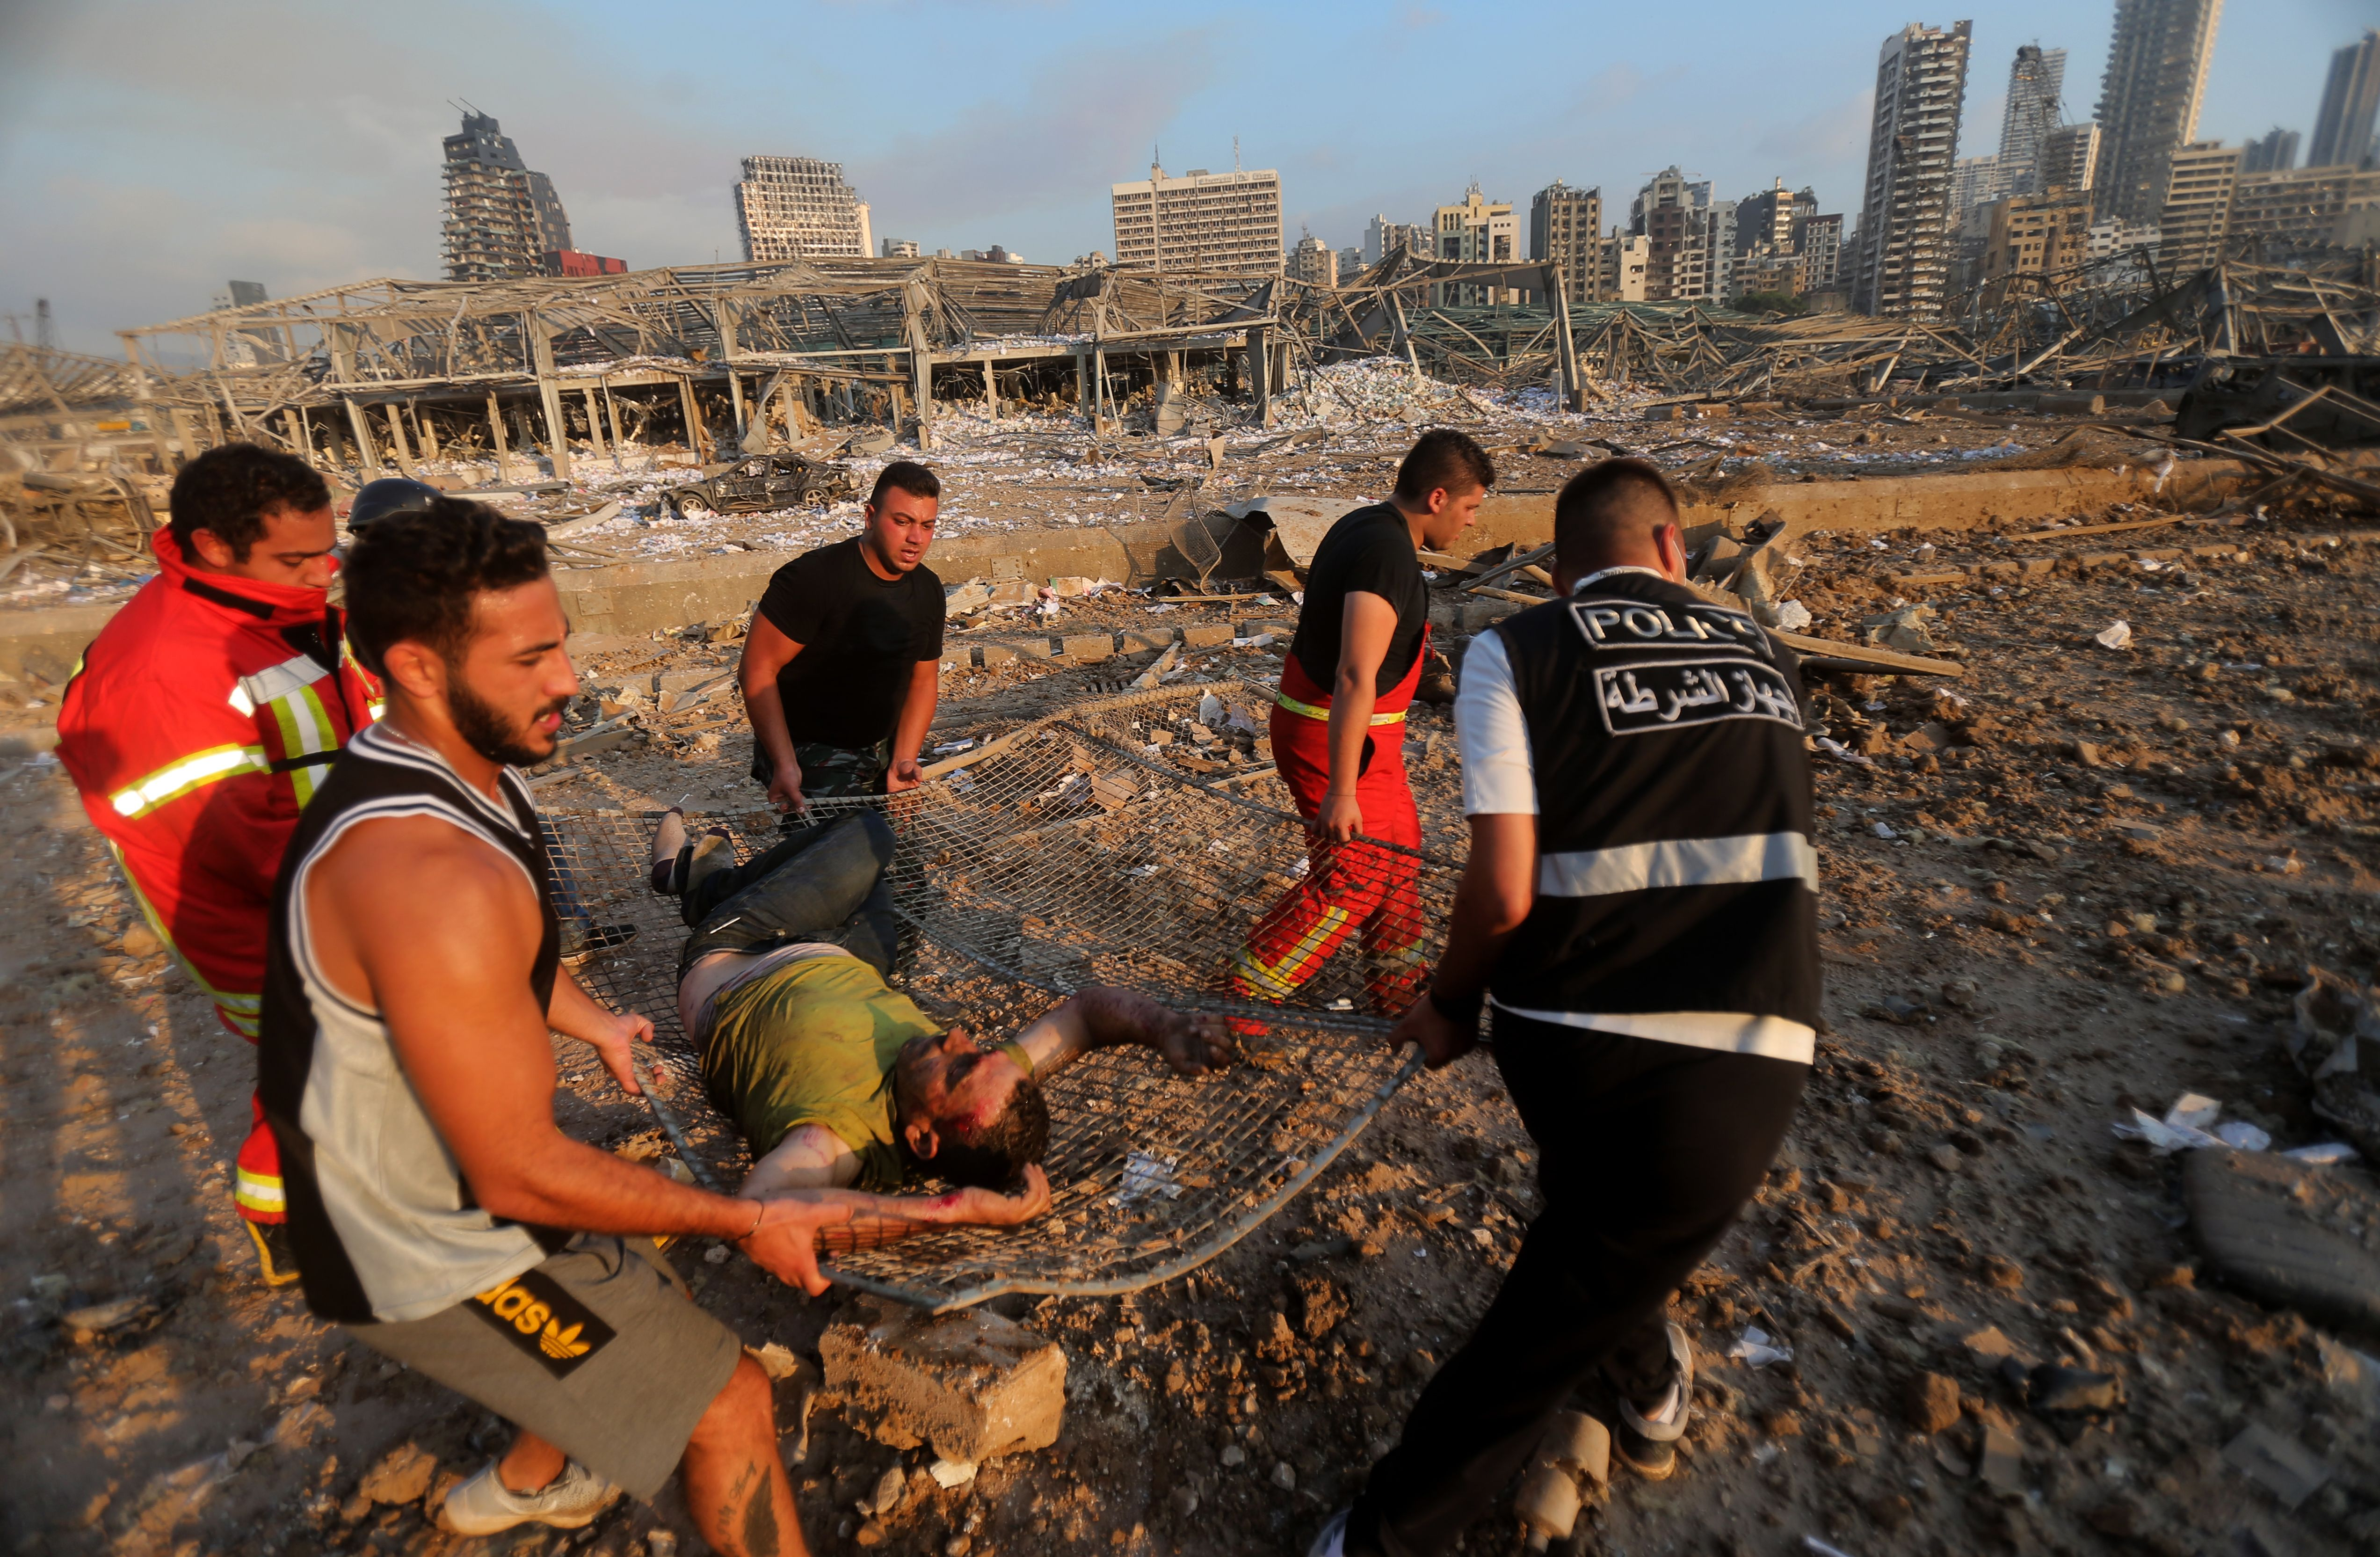 Un hombre herido es evacuado de la zona de la explisión en Beirut.